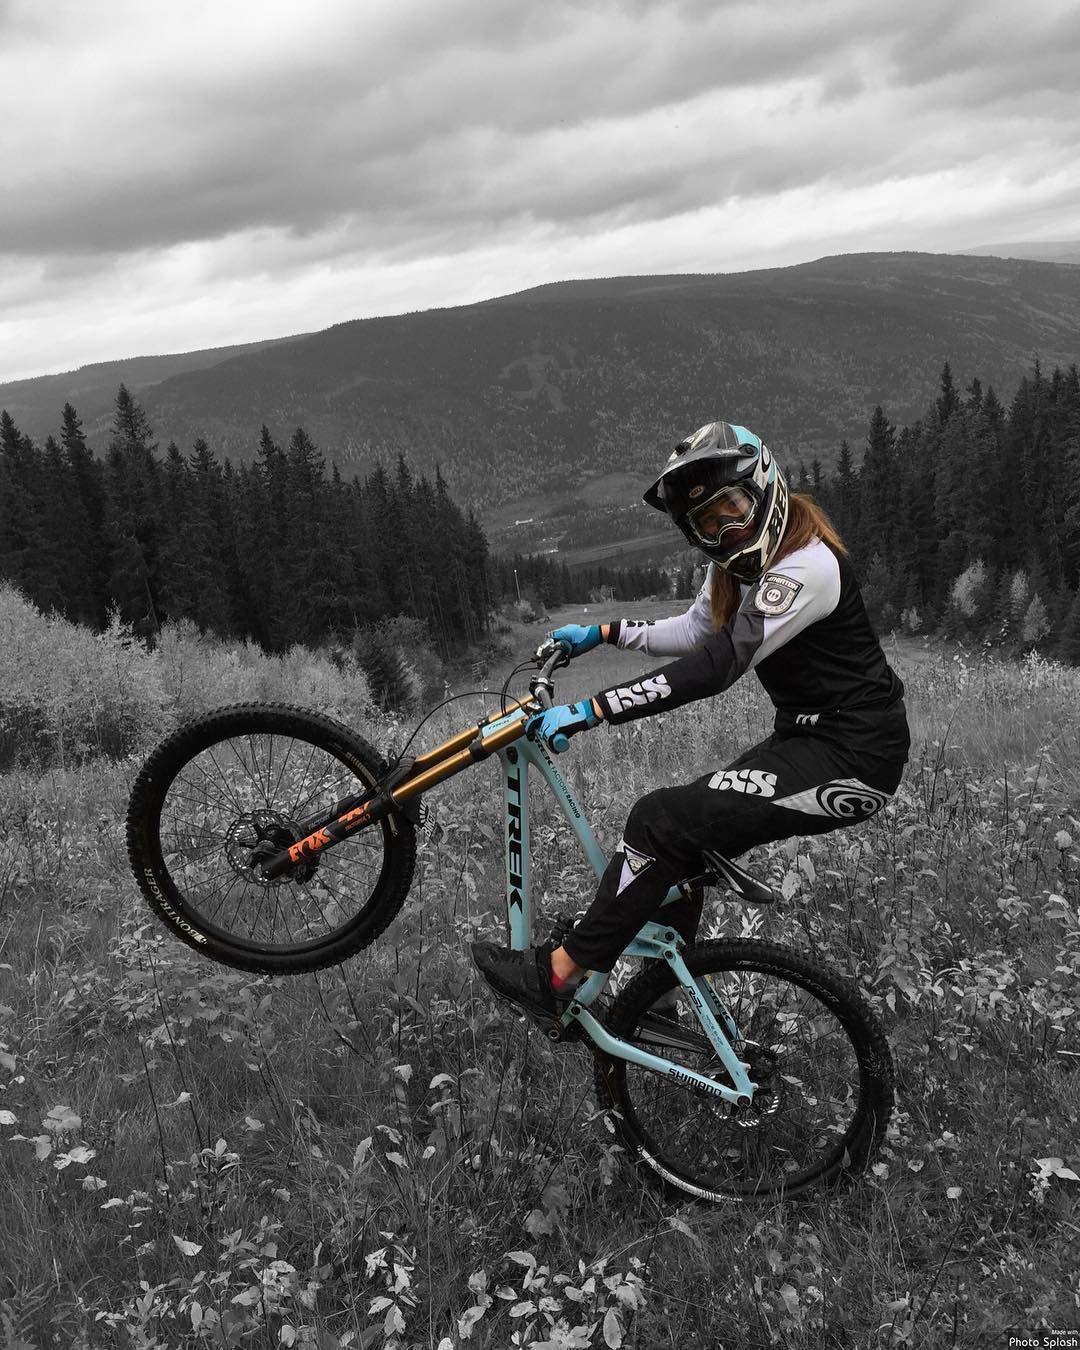 Pin By Tony Borrott On Life Behind Bars Mountain Biking Women